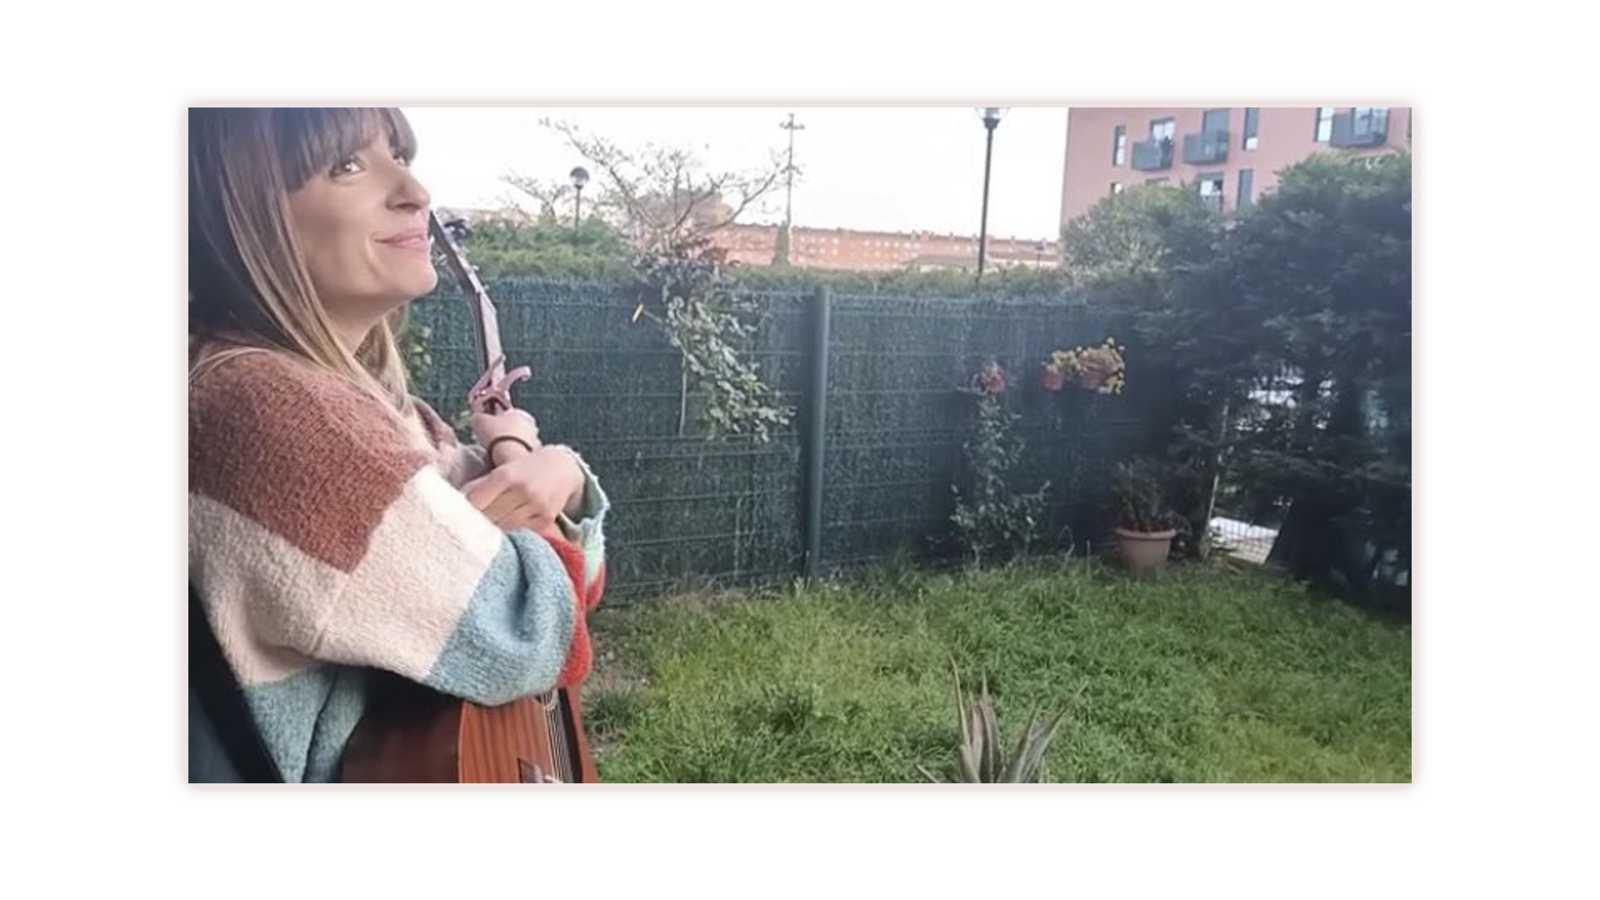 Maialen en el jardín de su casa después de cantar para sus vecinos